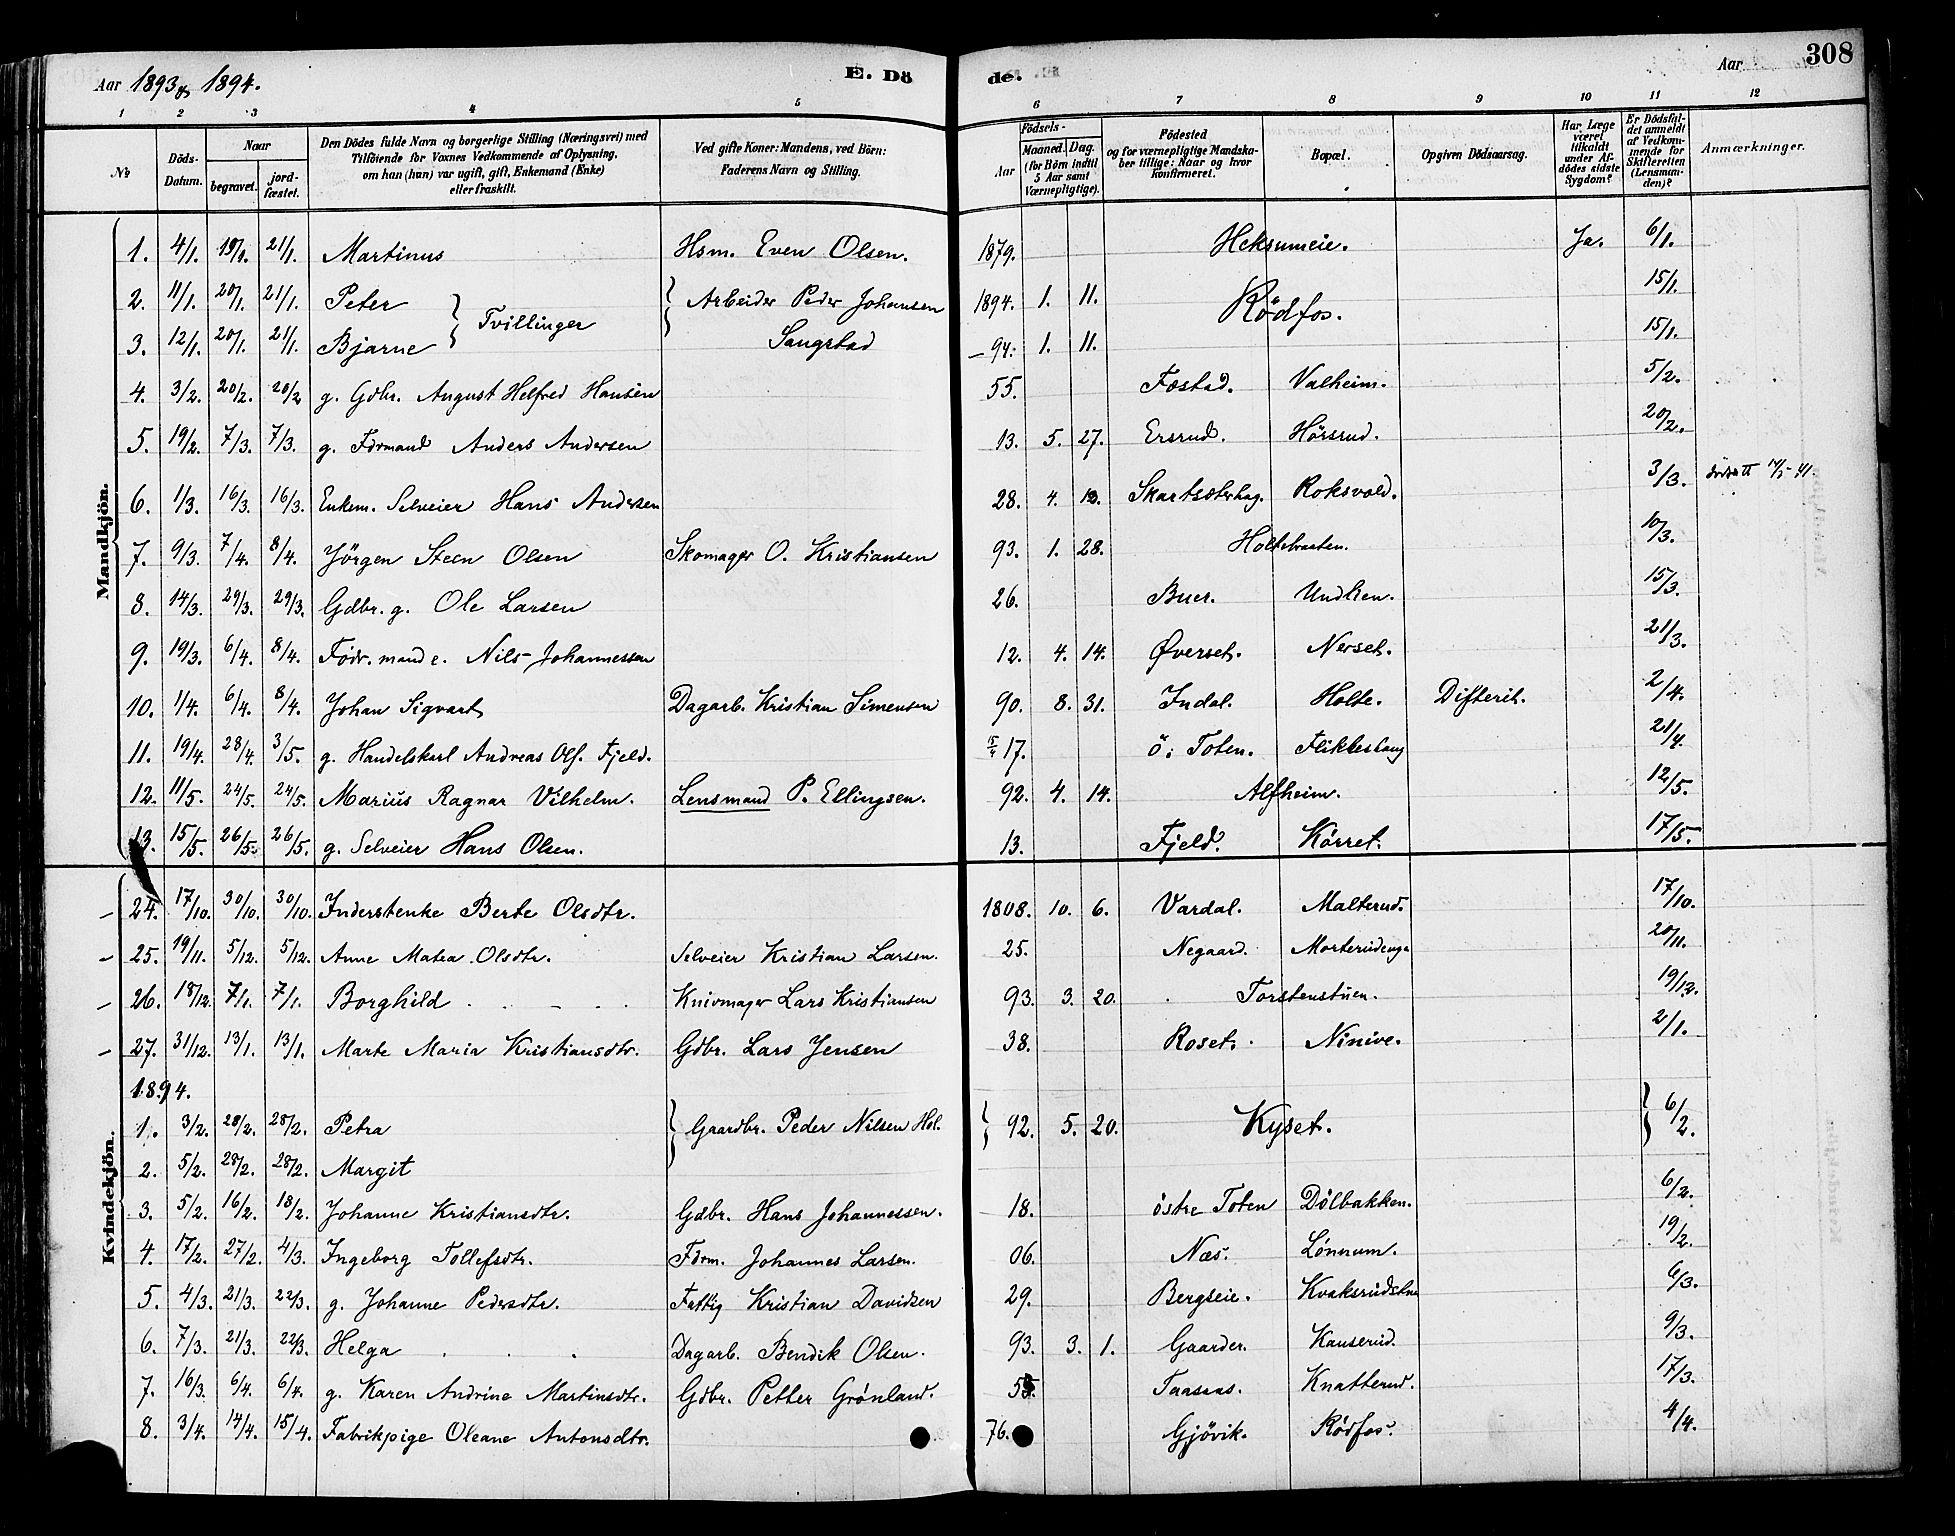 SAH, Vestre Toten prestekontor, Ministerialbok nr. 9, 1878-1894, s. 308